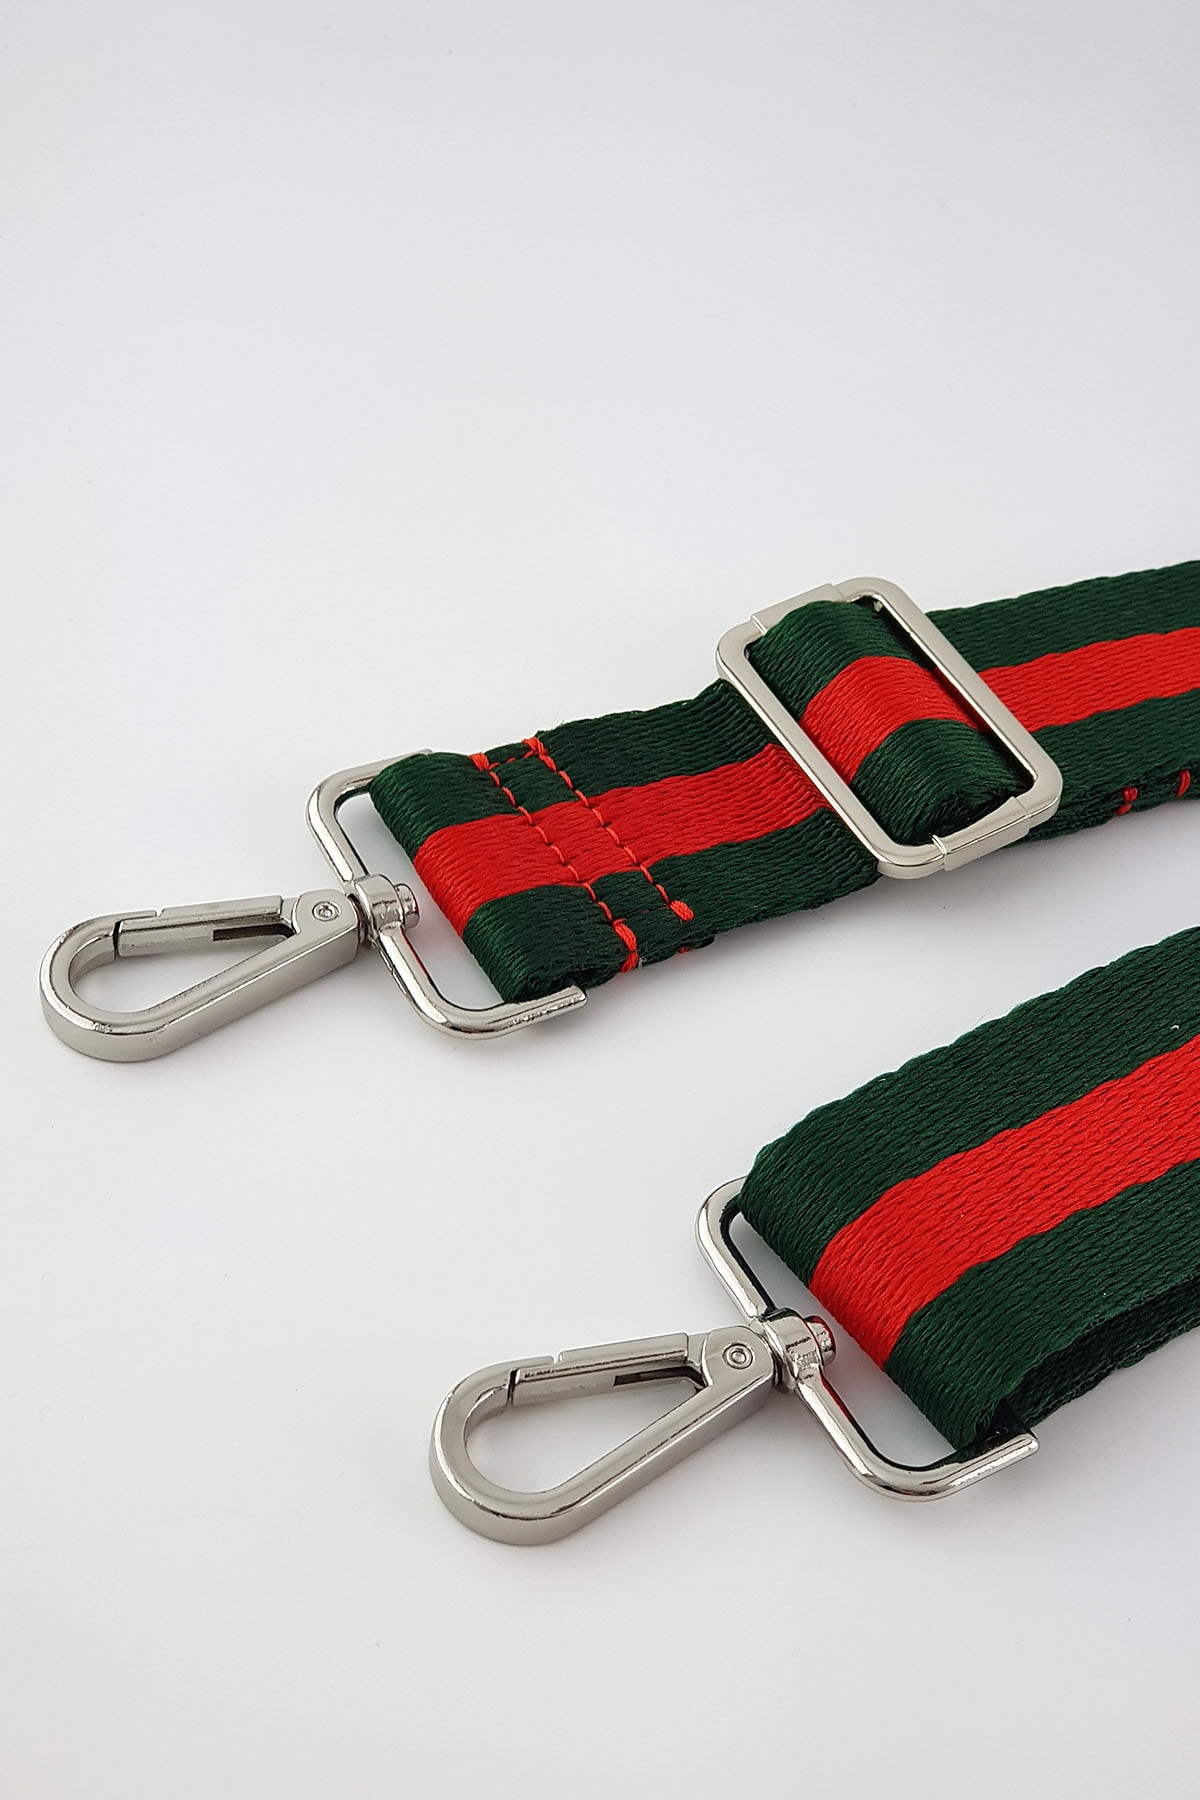 FAEN Yeşil Kırmızı Şerit Çanta & Cep Telefonu Askısı Silver 2